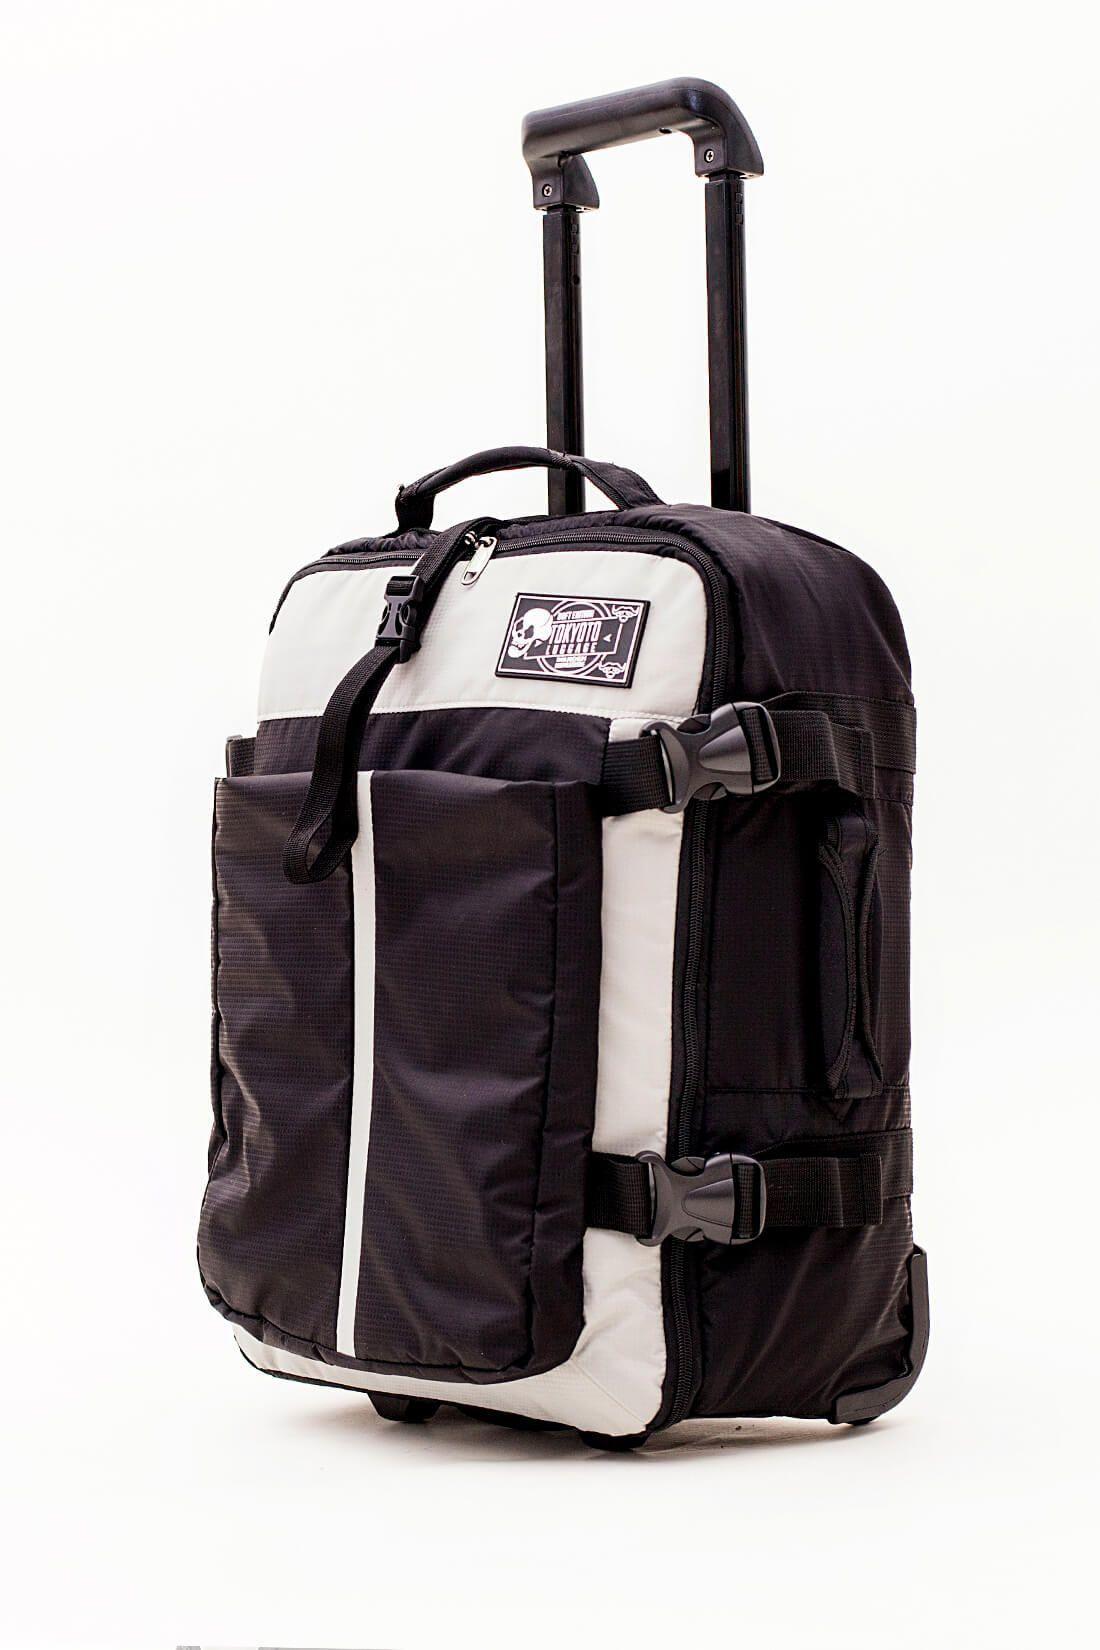 4e305e9b24c862 Hand Cabin Luggage PHOBIAS - TOKYOTO Luggage